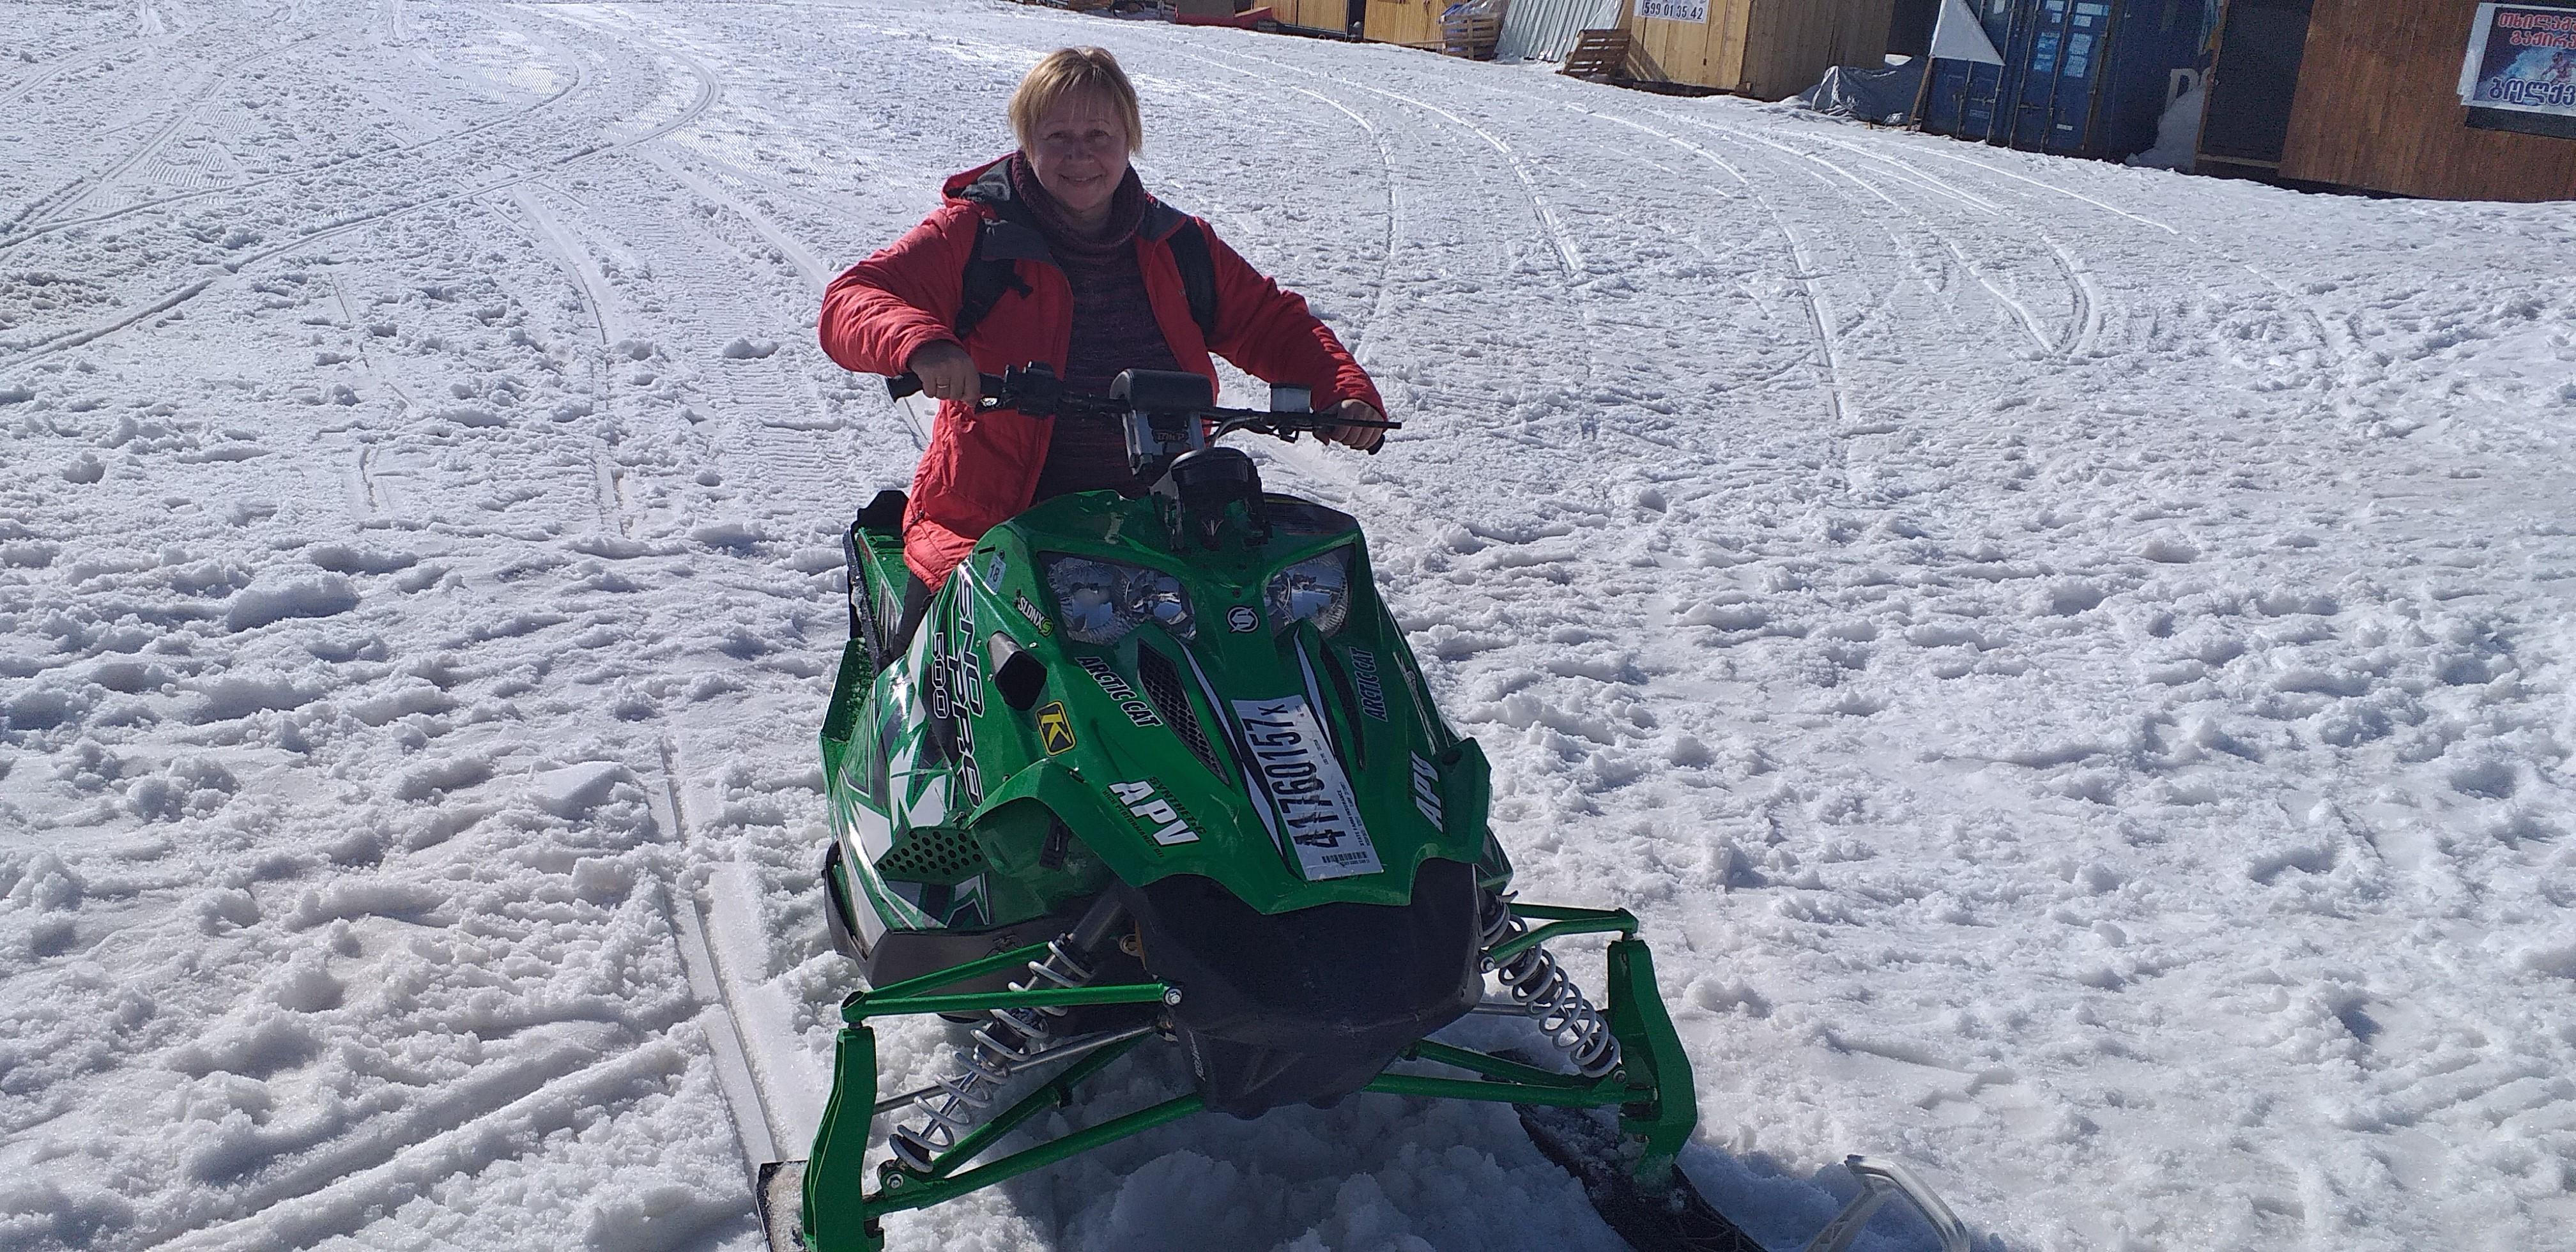 катание на снегоходе в Годердзи